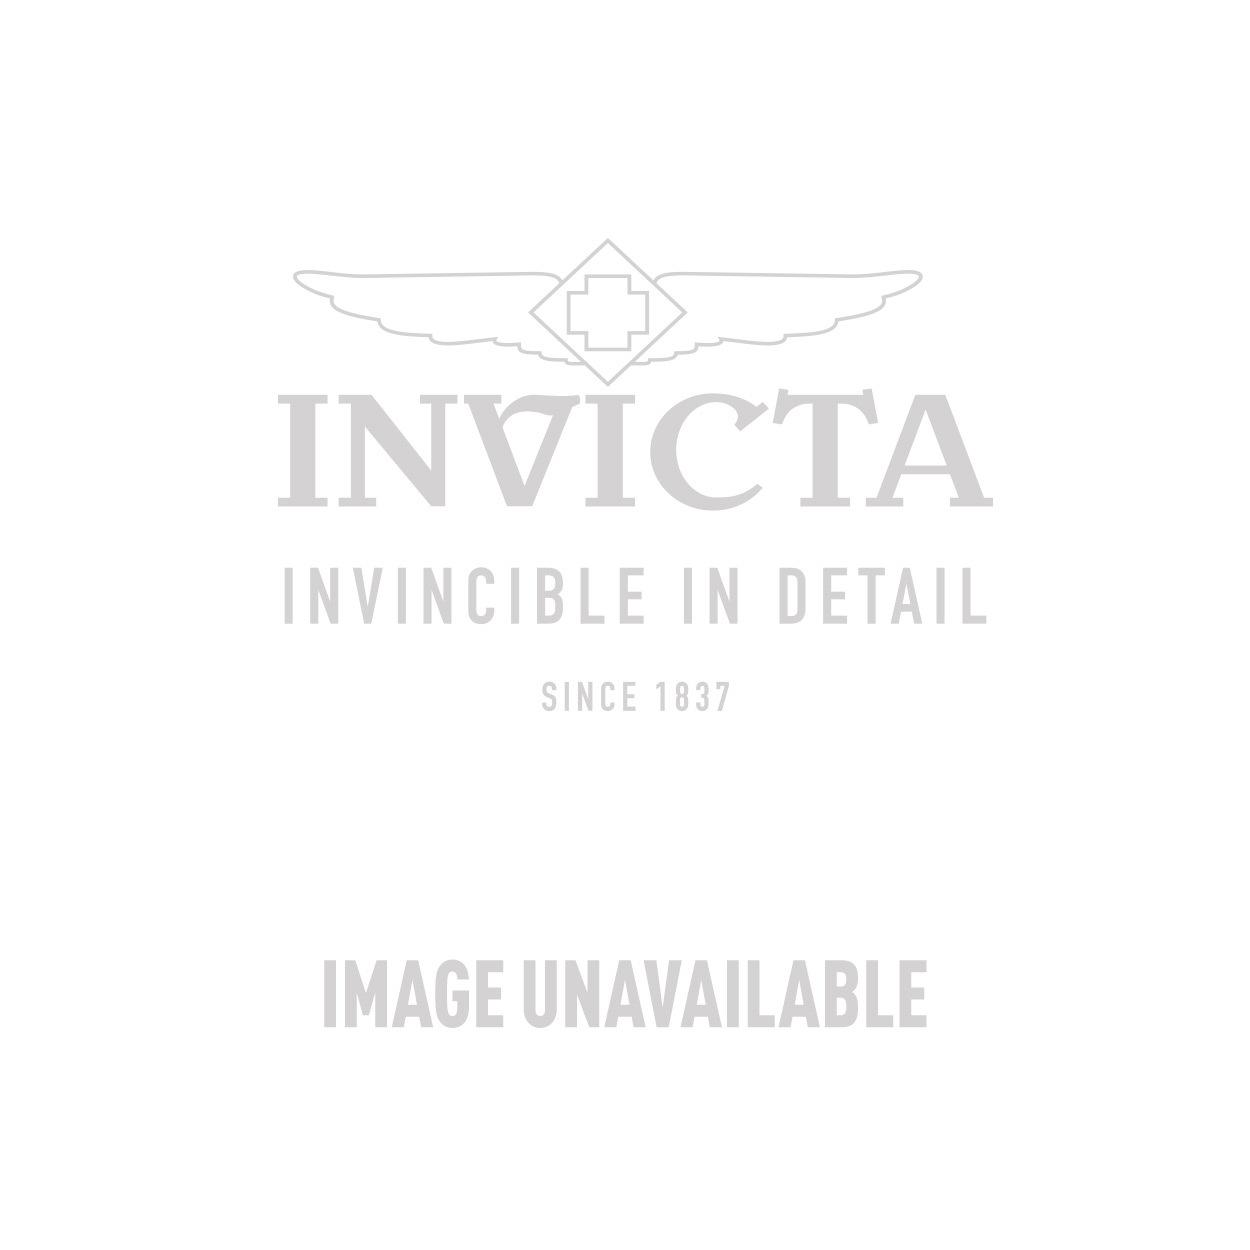 Invicta Model 24011